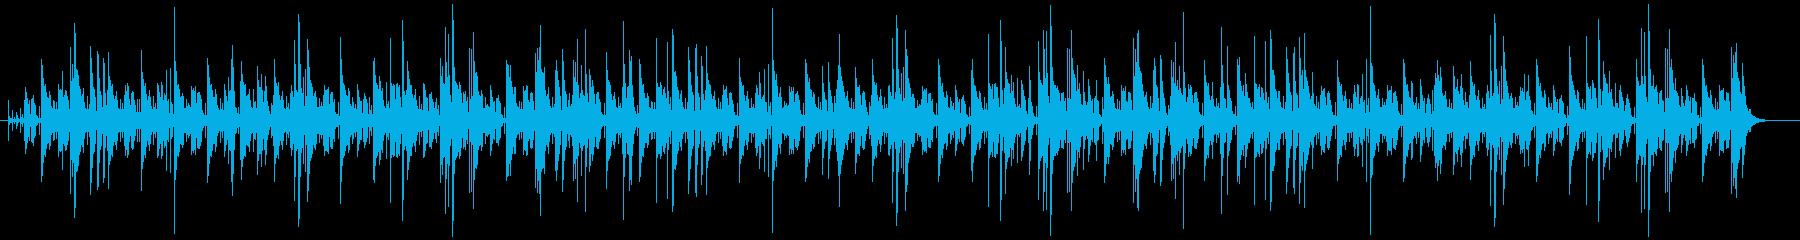 打楽器の響きが良く伝統的でリズミカルな曲の再生済みの波形